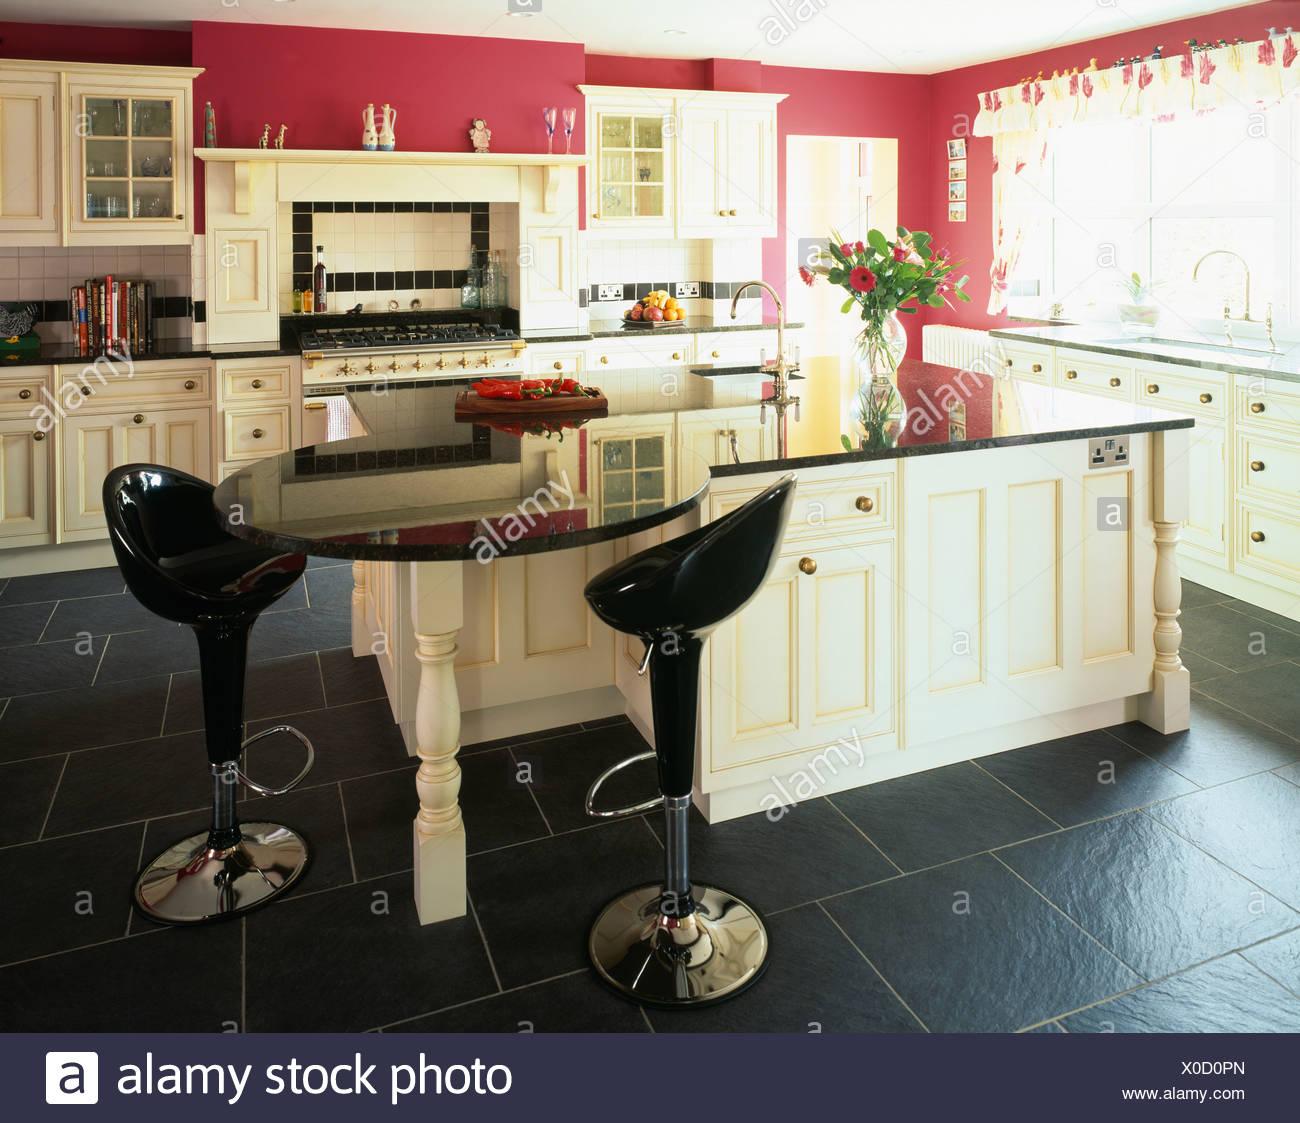 Erfreut Küche Bodenfliesen Uk Fotos - Ideen Für Die Küche Dekoration ...